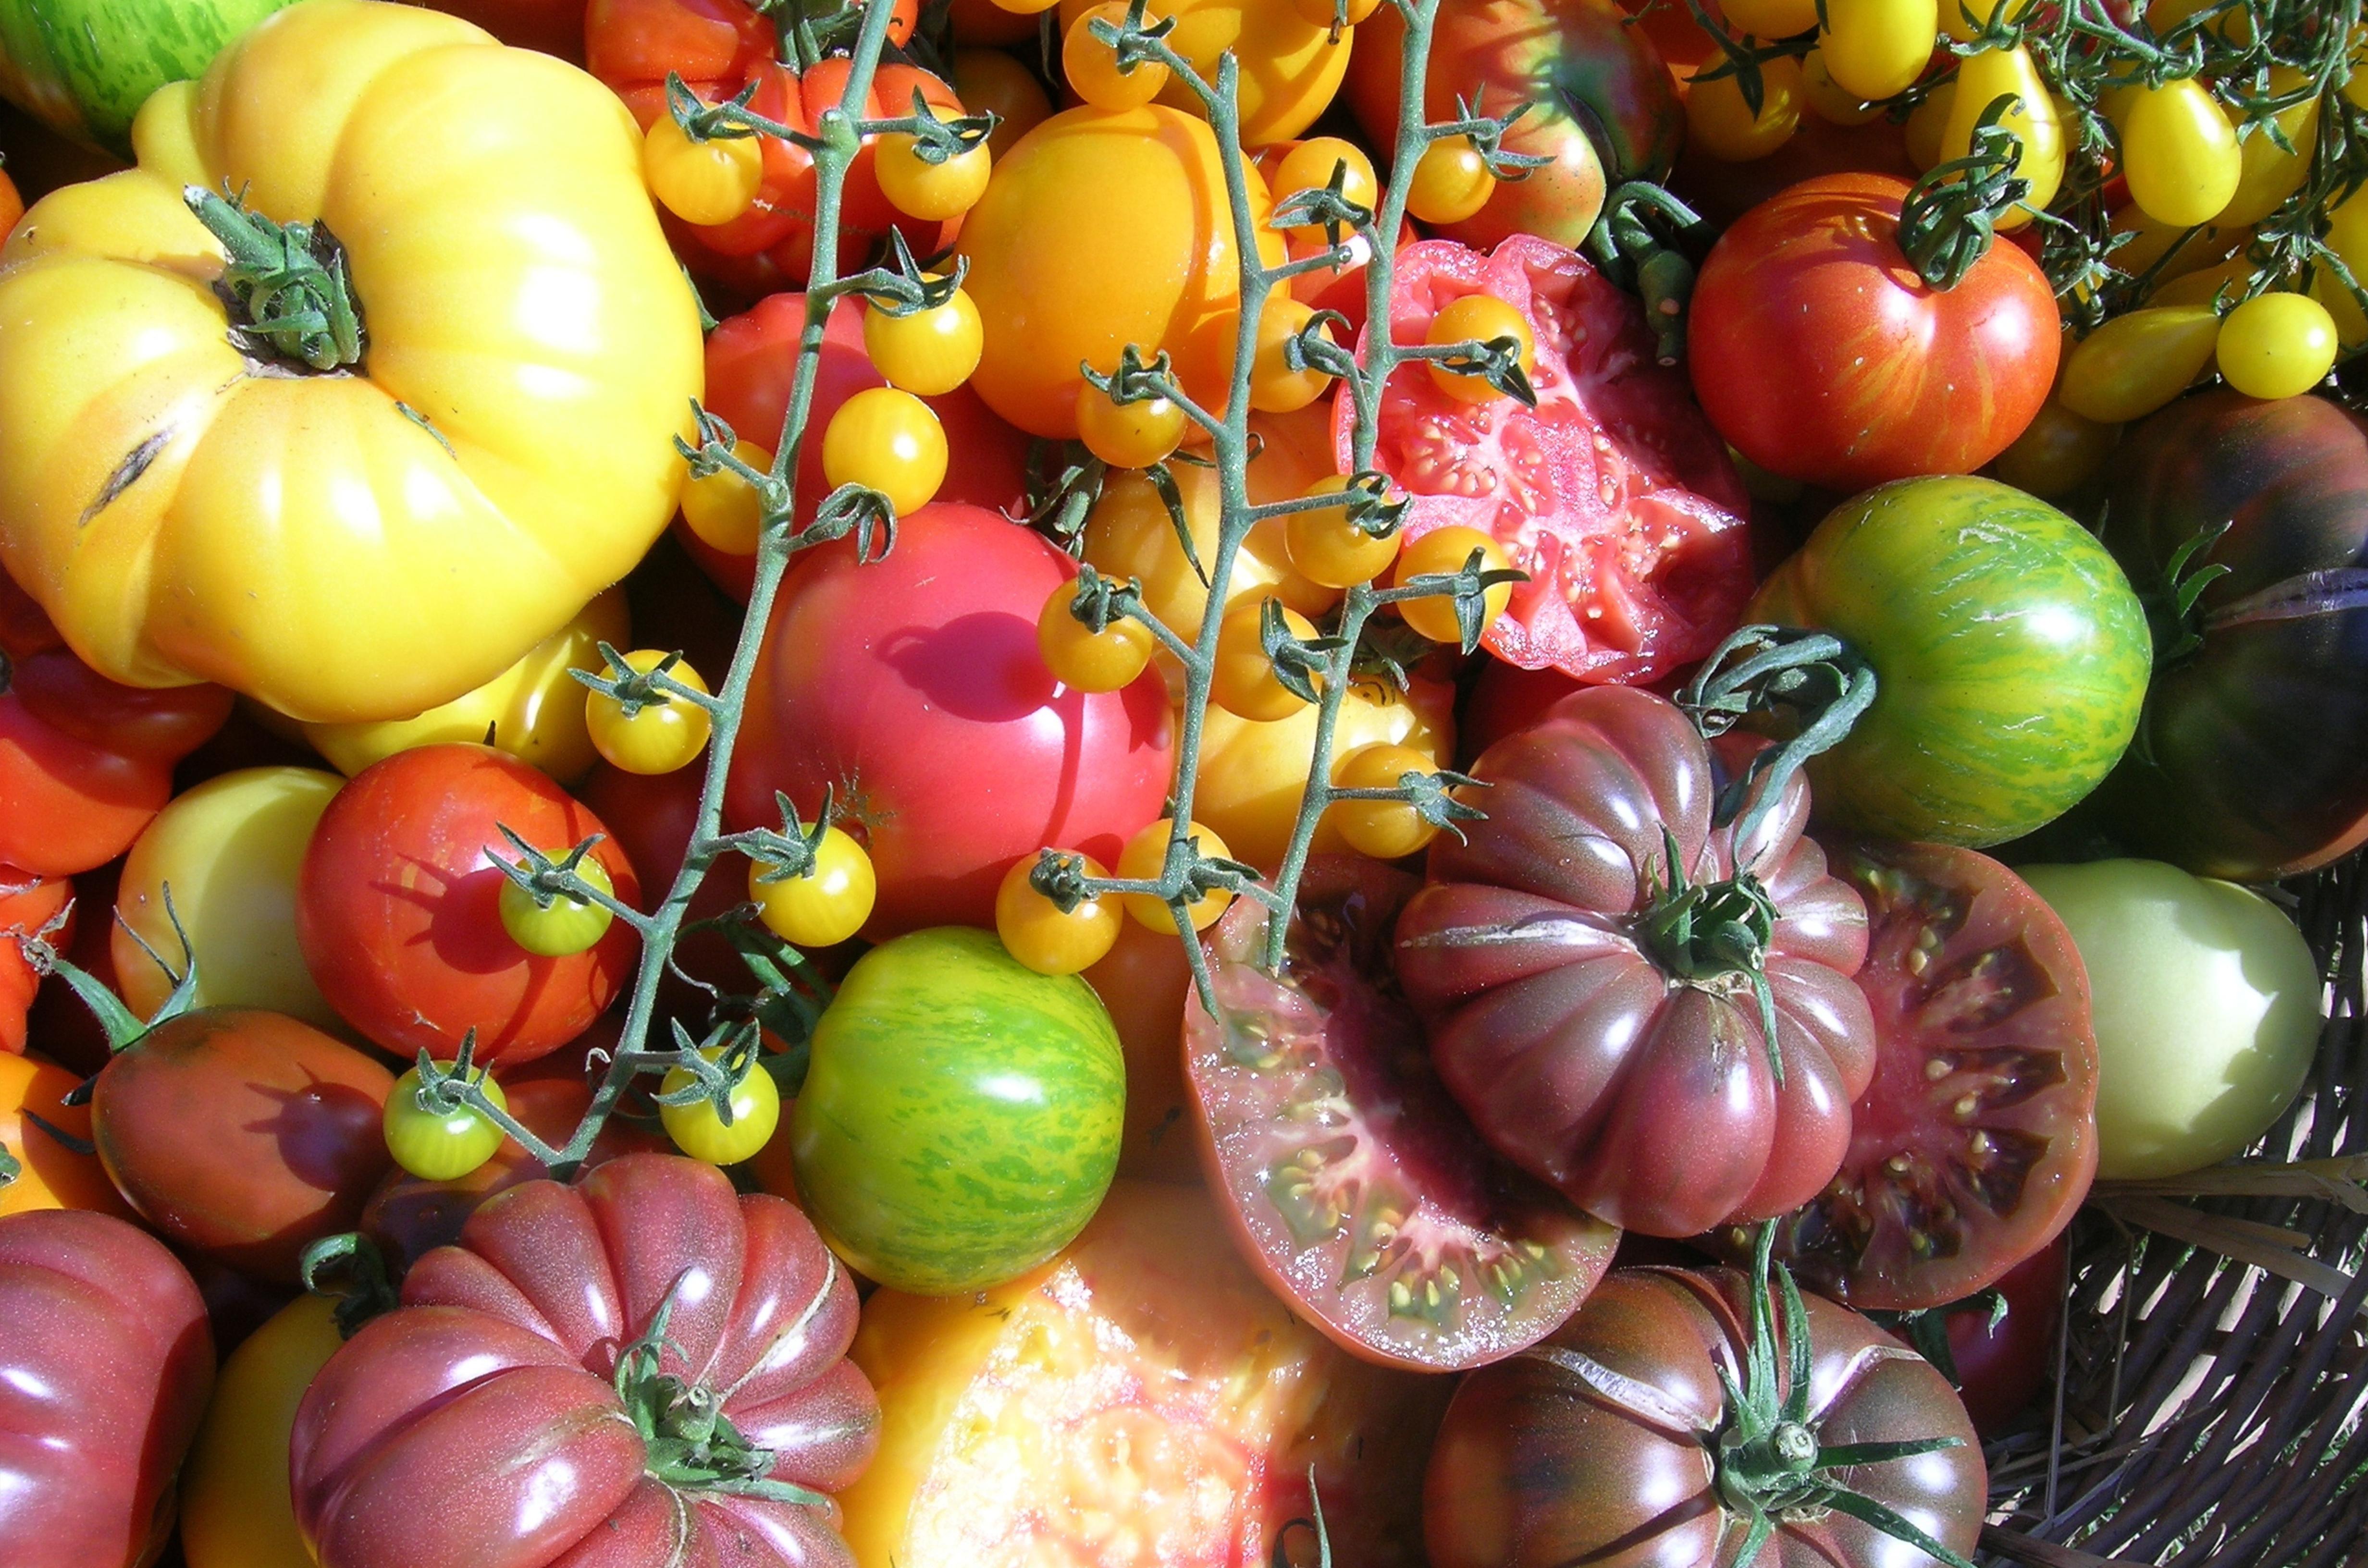 PARADEISERVIELFALT – Gartenerlebnisführung und Verkostung